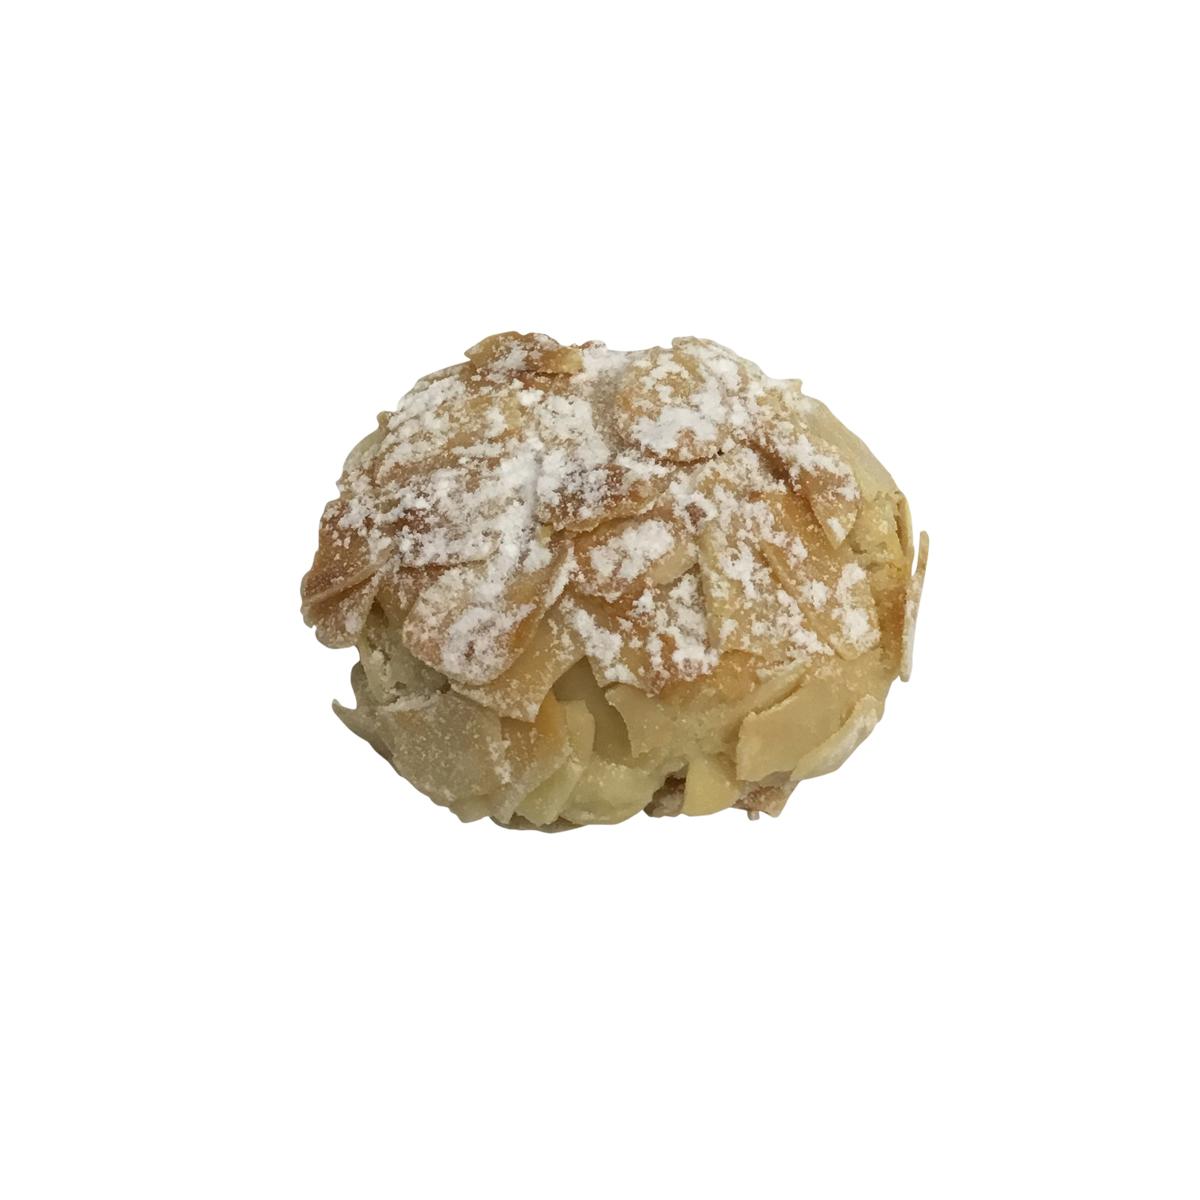 Mandorlate (Gluten Free-Almond Biscuit)